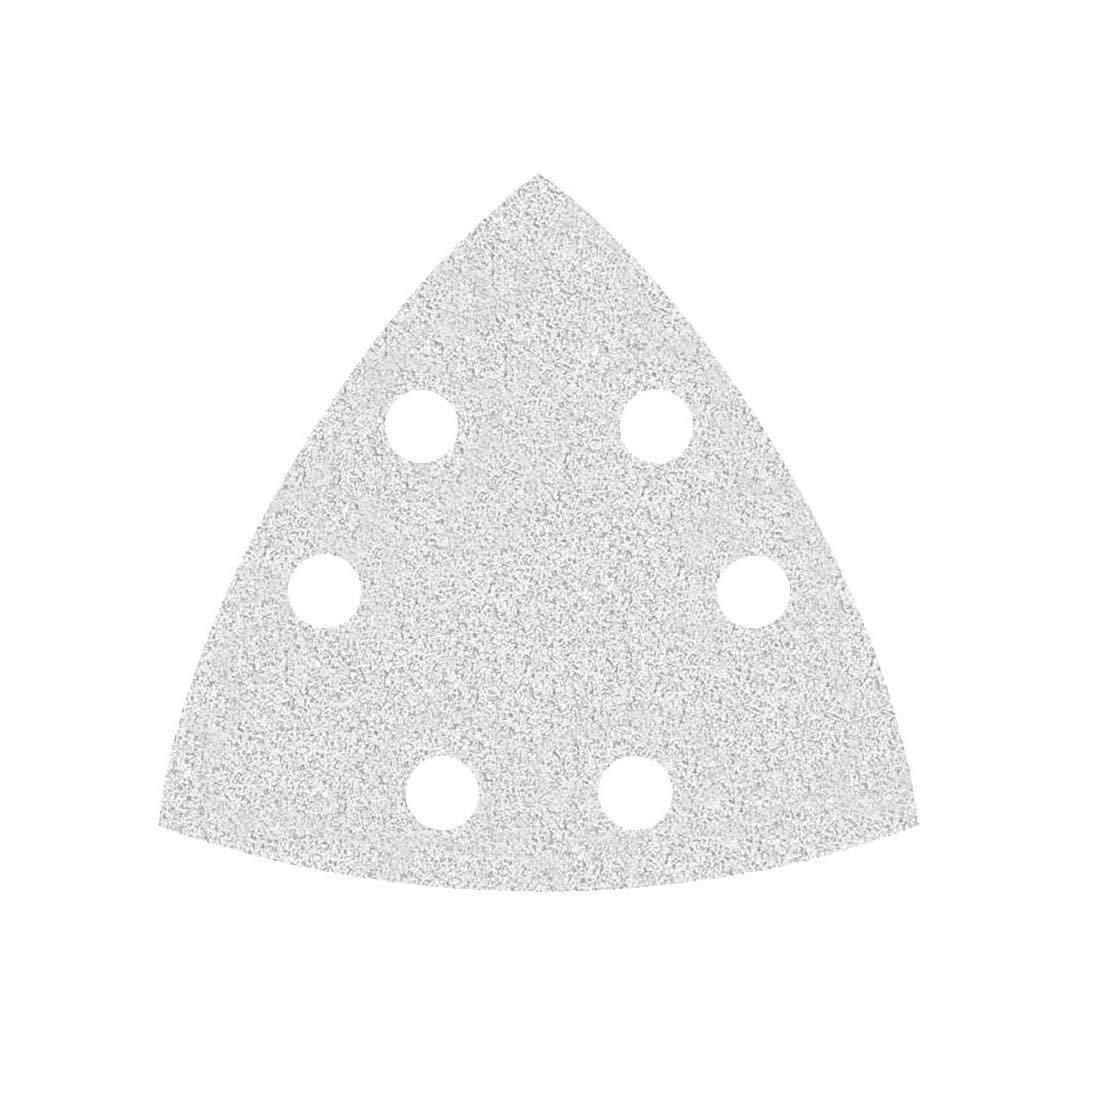 50 Feuilles abrasives auto-agrippantes MioTools pour ponceuse delta - 93 mm - grain 400 - 6 trous